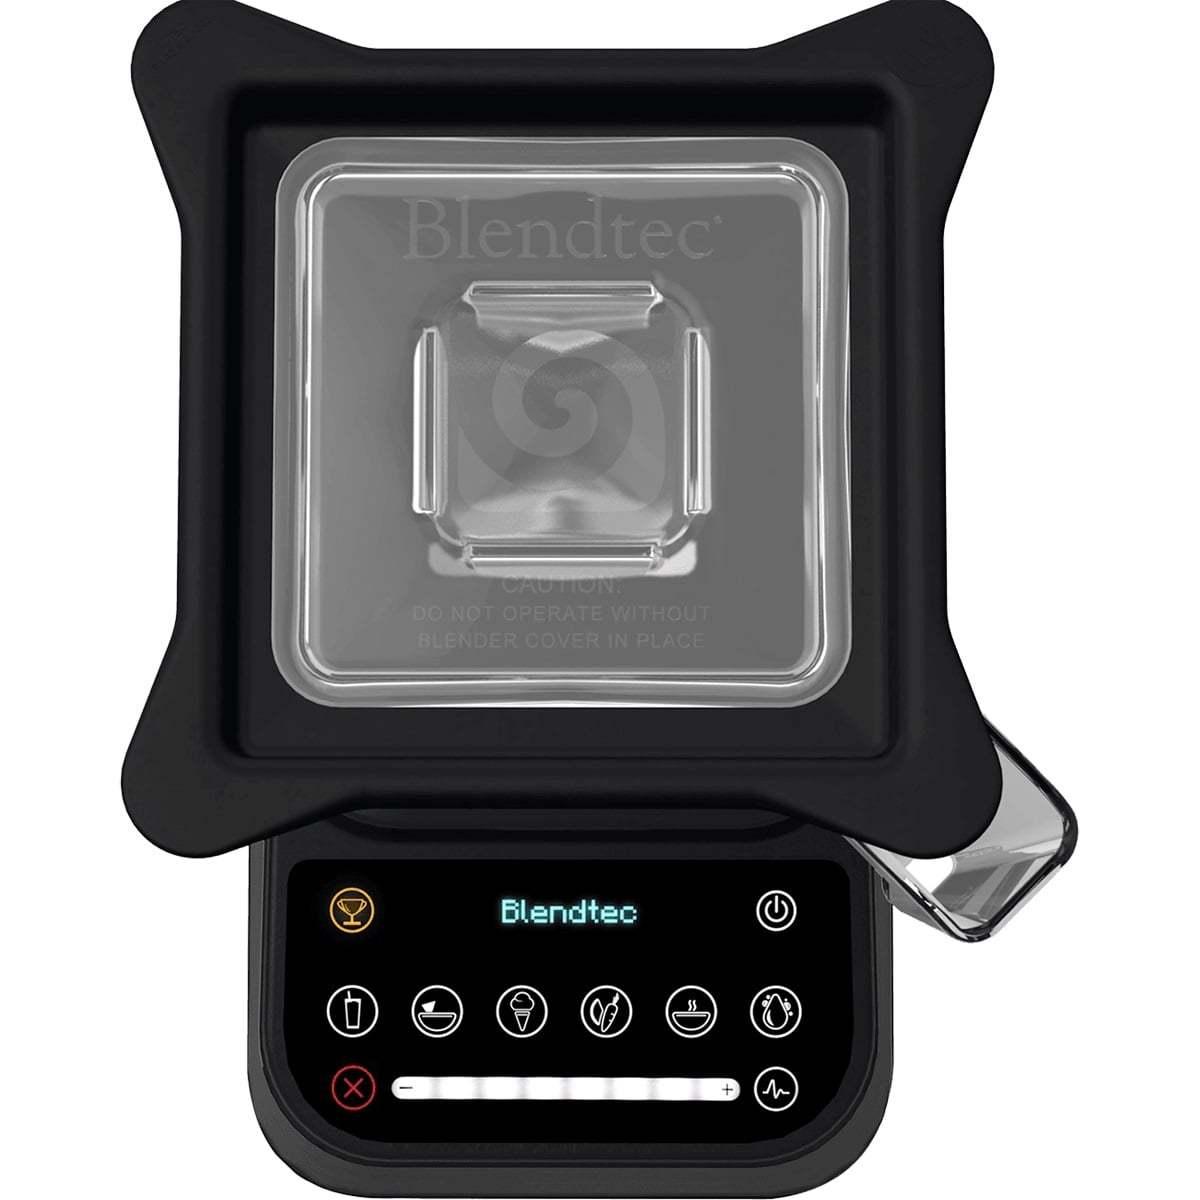 Крышка с ультра-уплотнением и удобным пластиковым колпачком для добавления ингредиентов